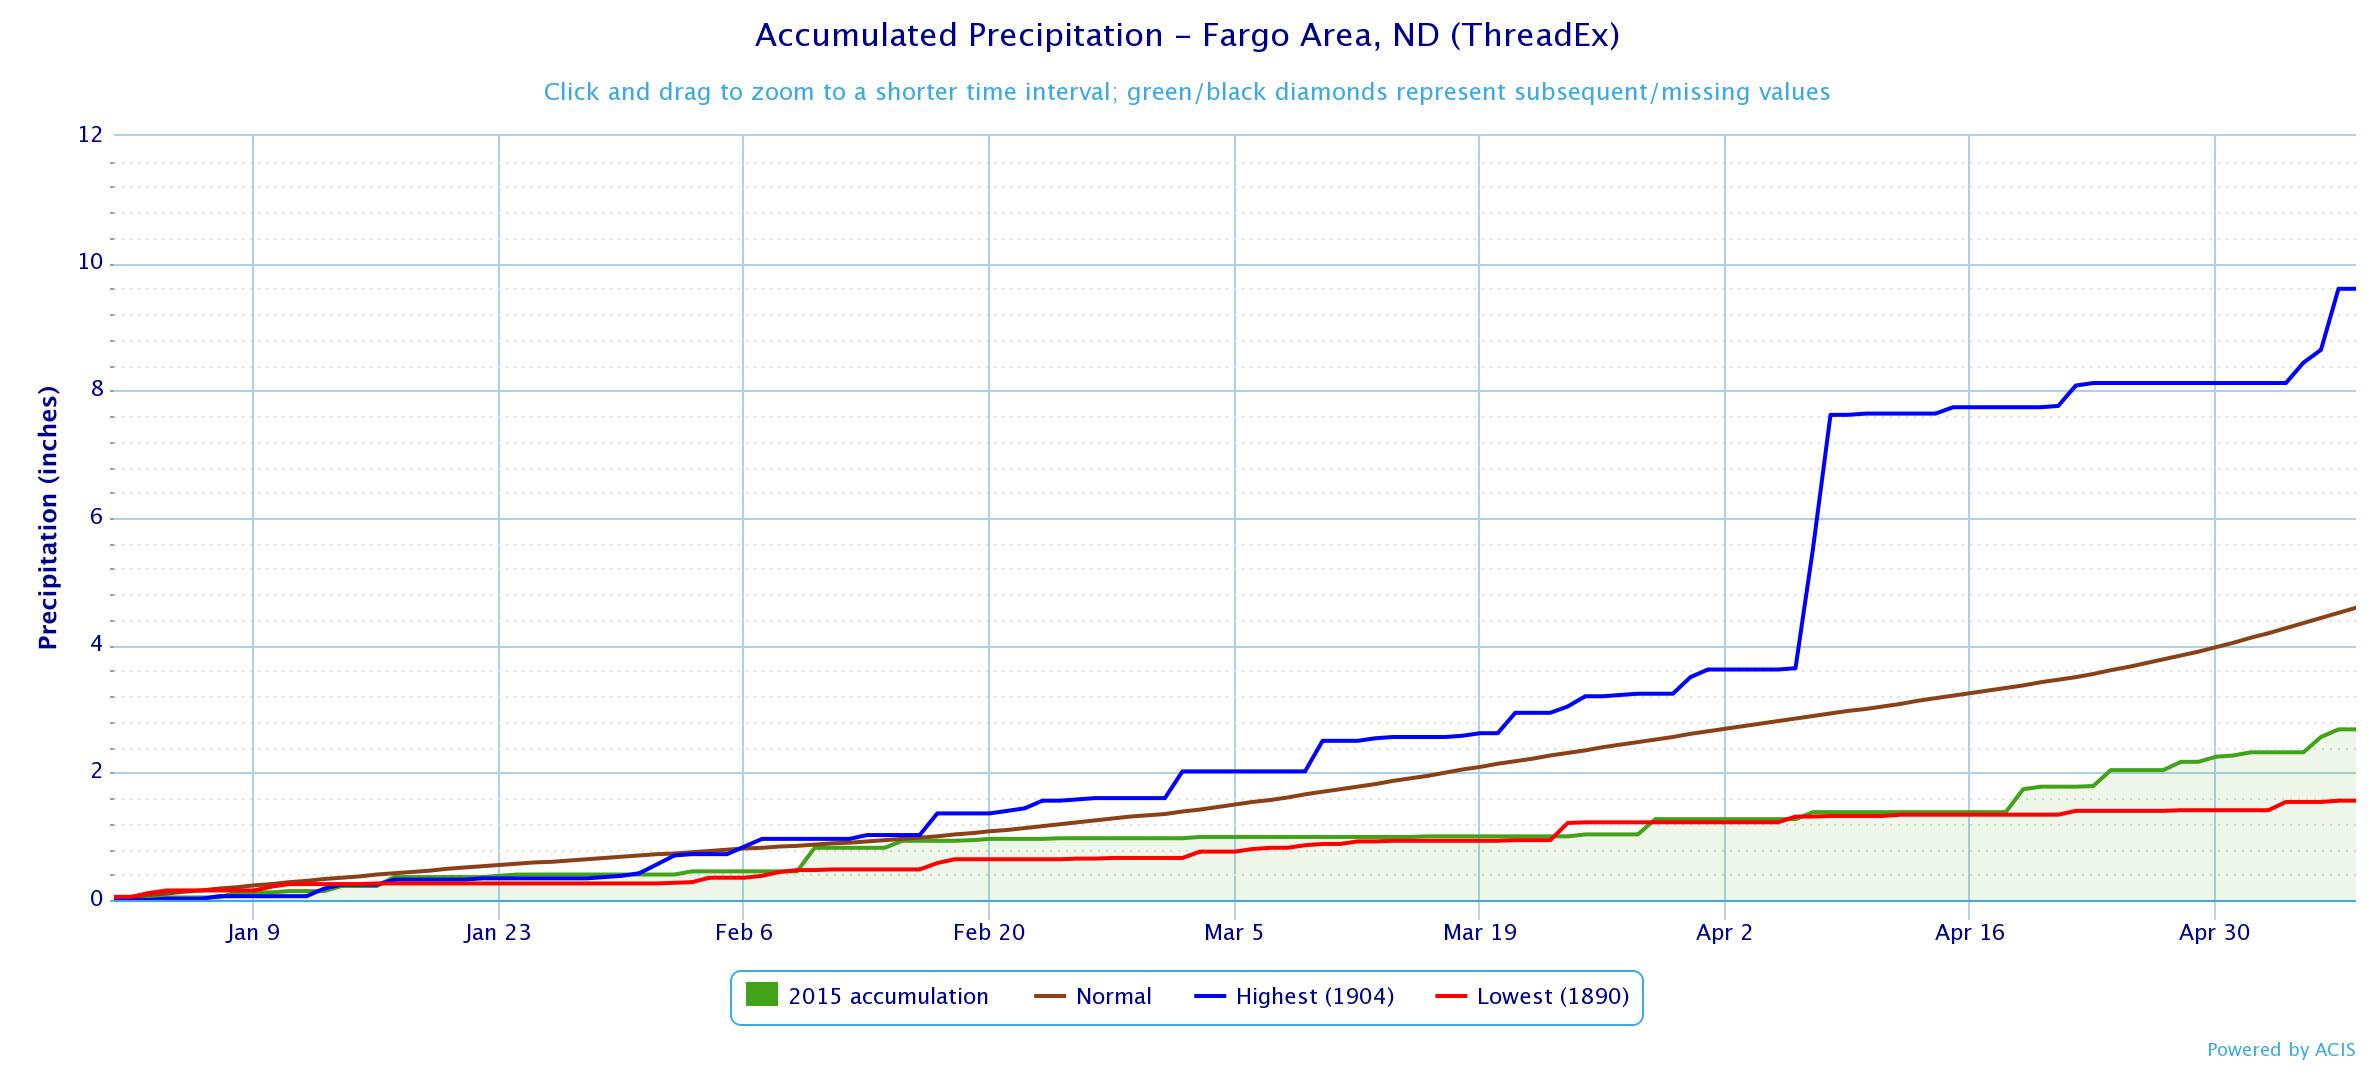 Fargo (KFAR) precipitation from January 1 to May 8, 2015 and records